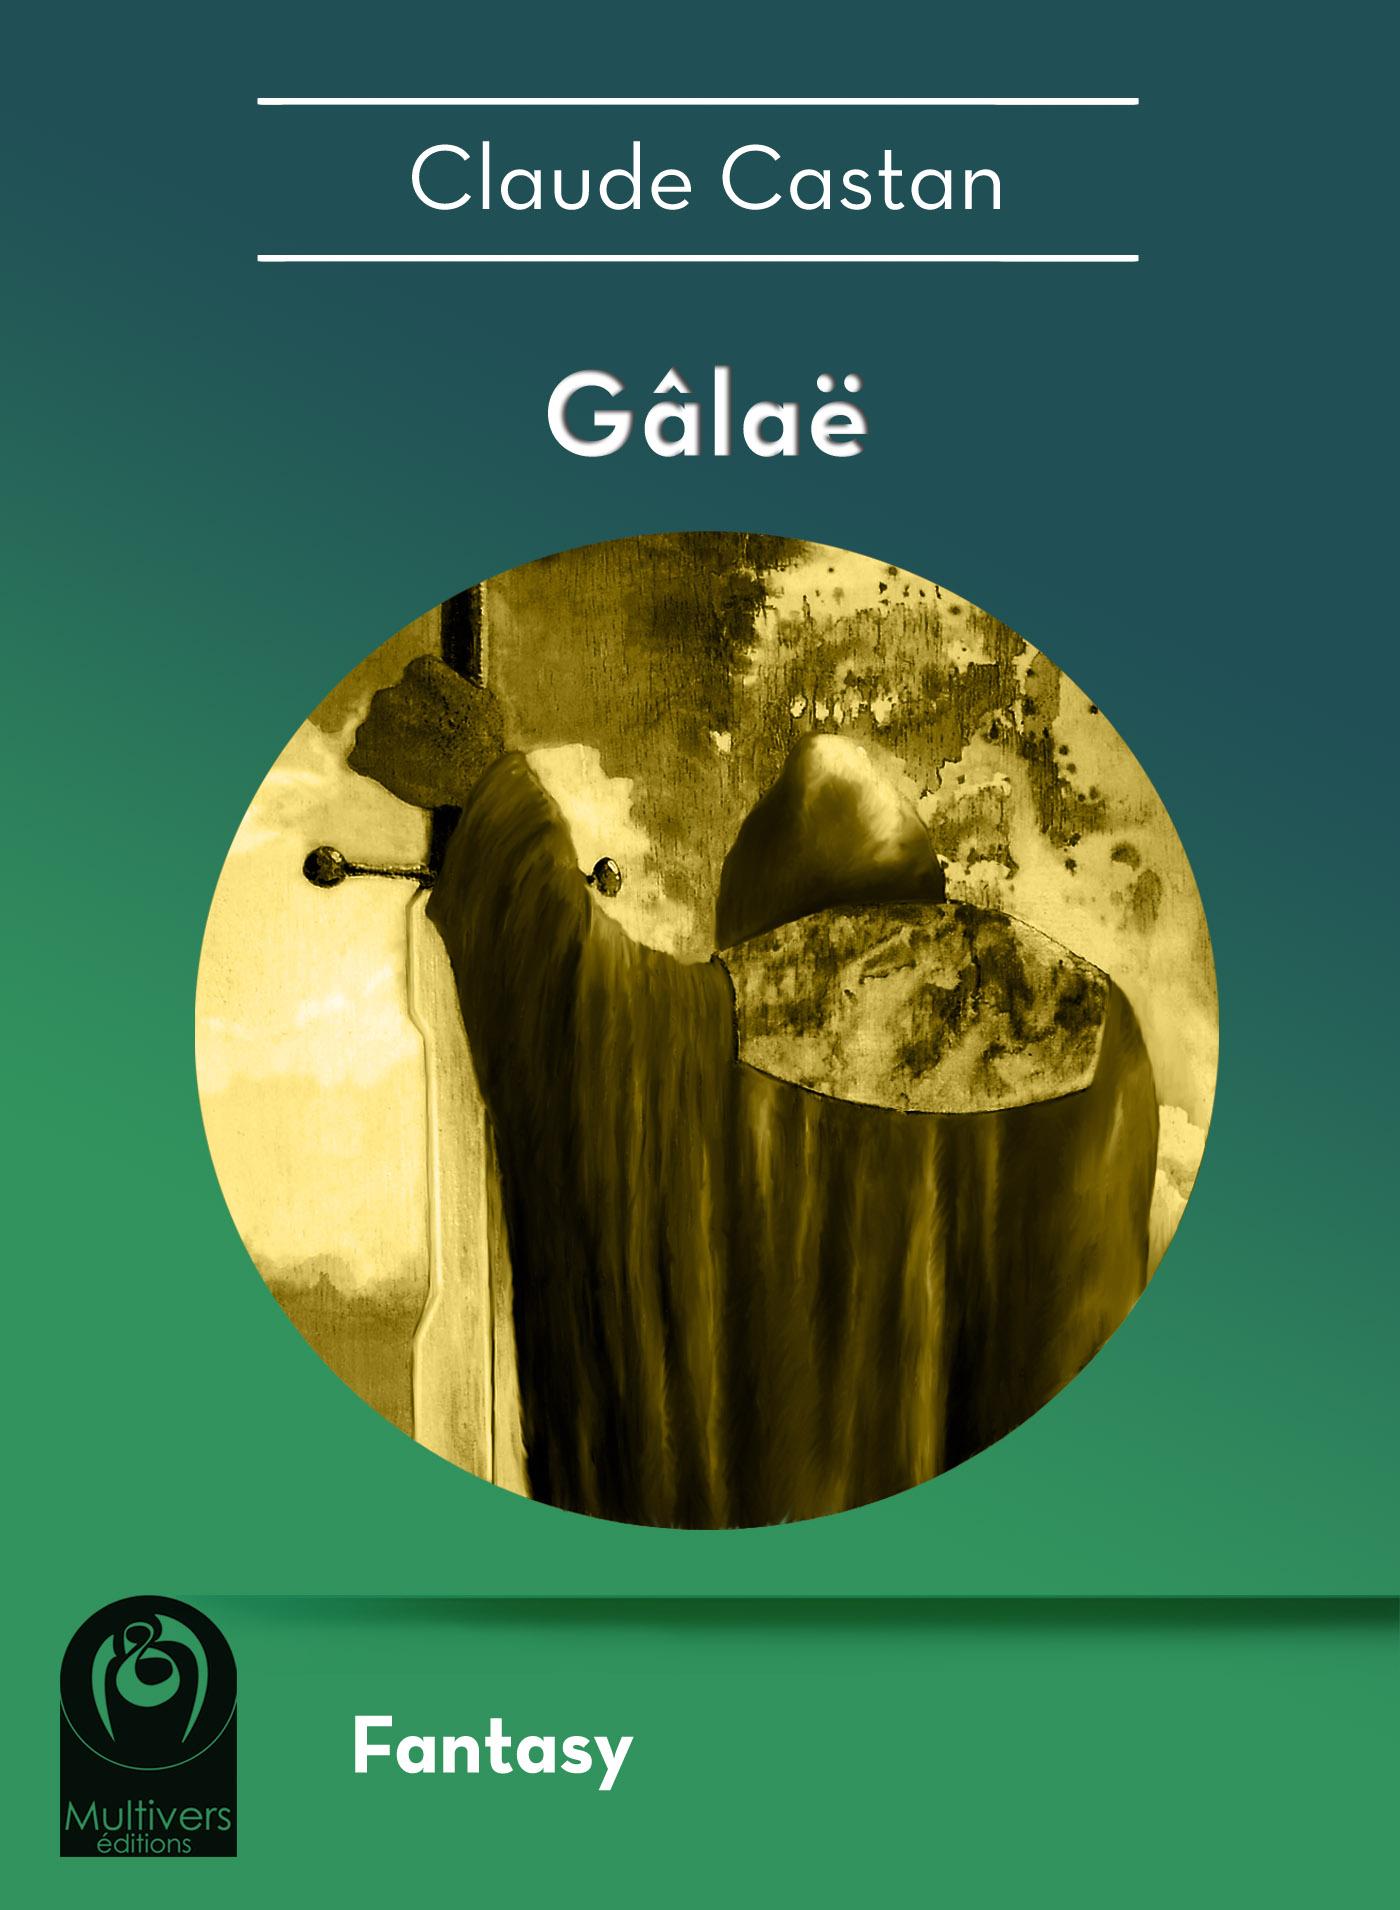 Gâlaë